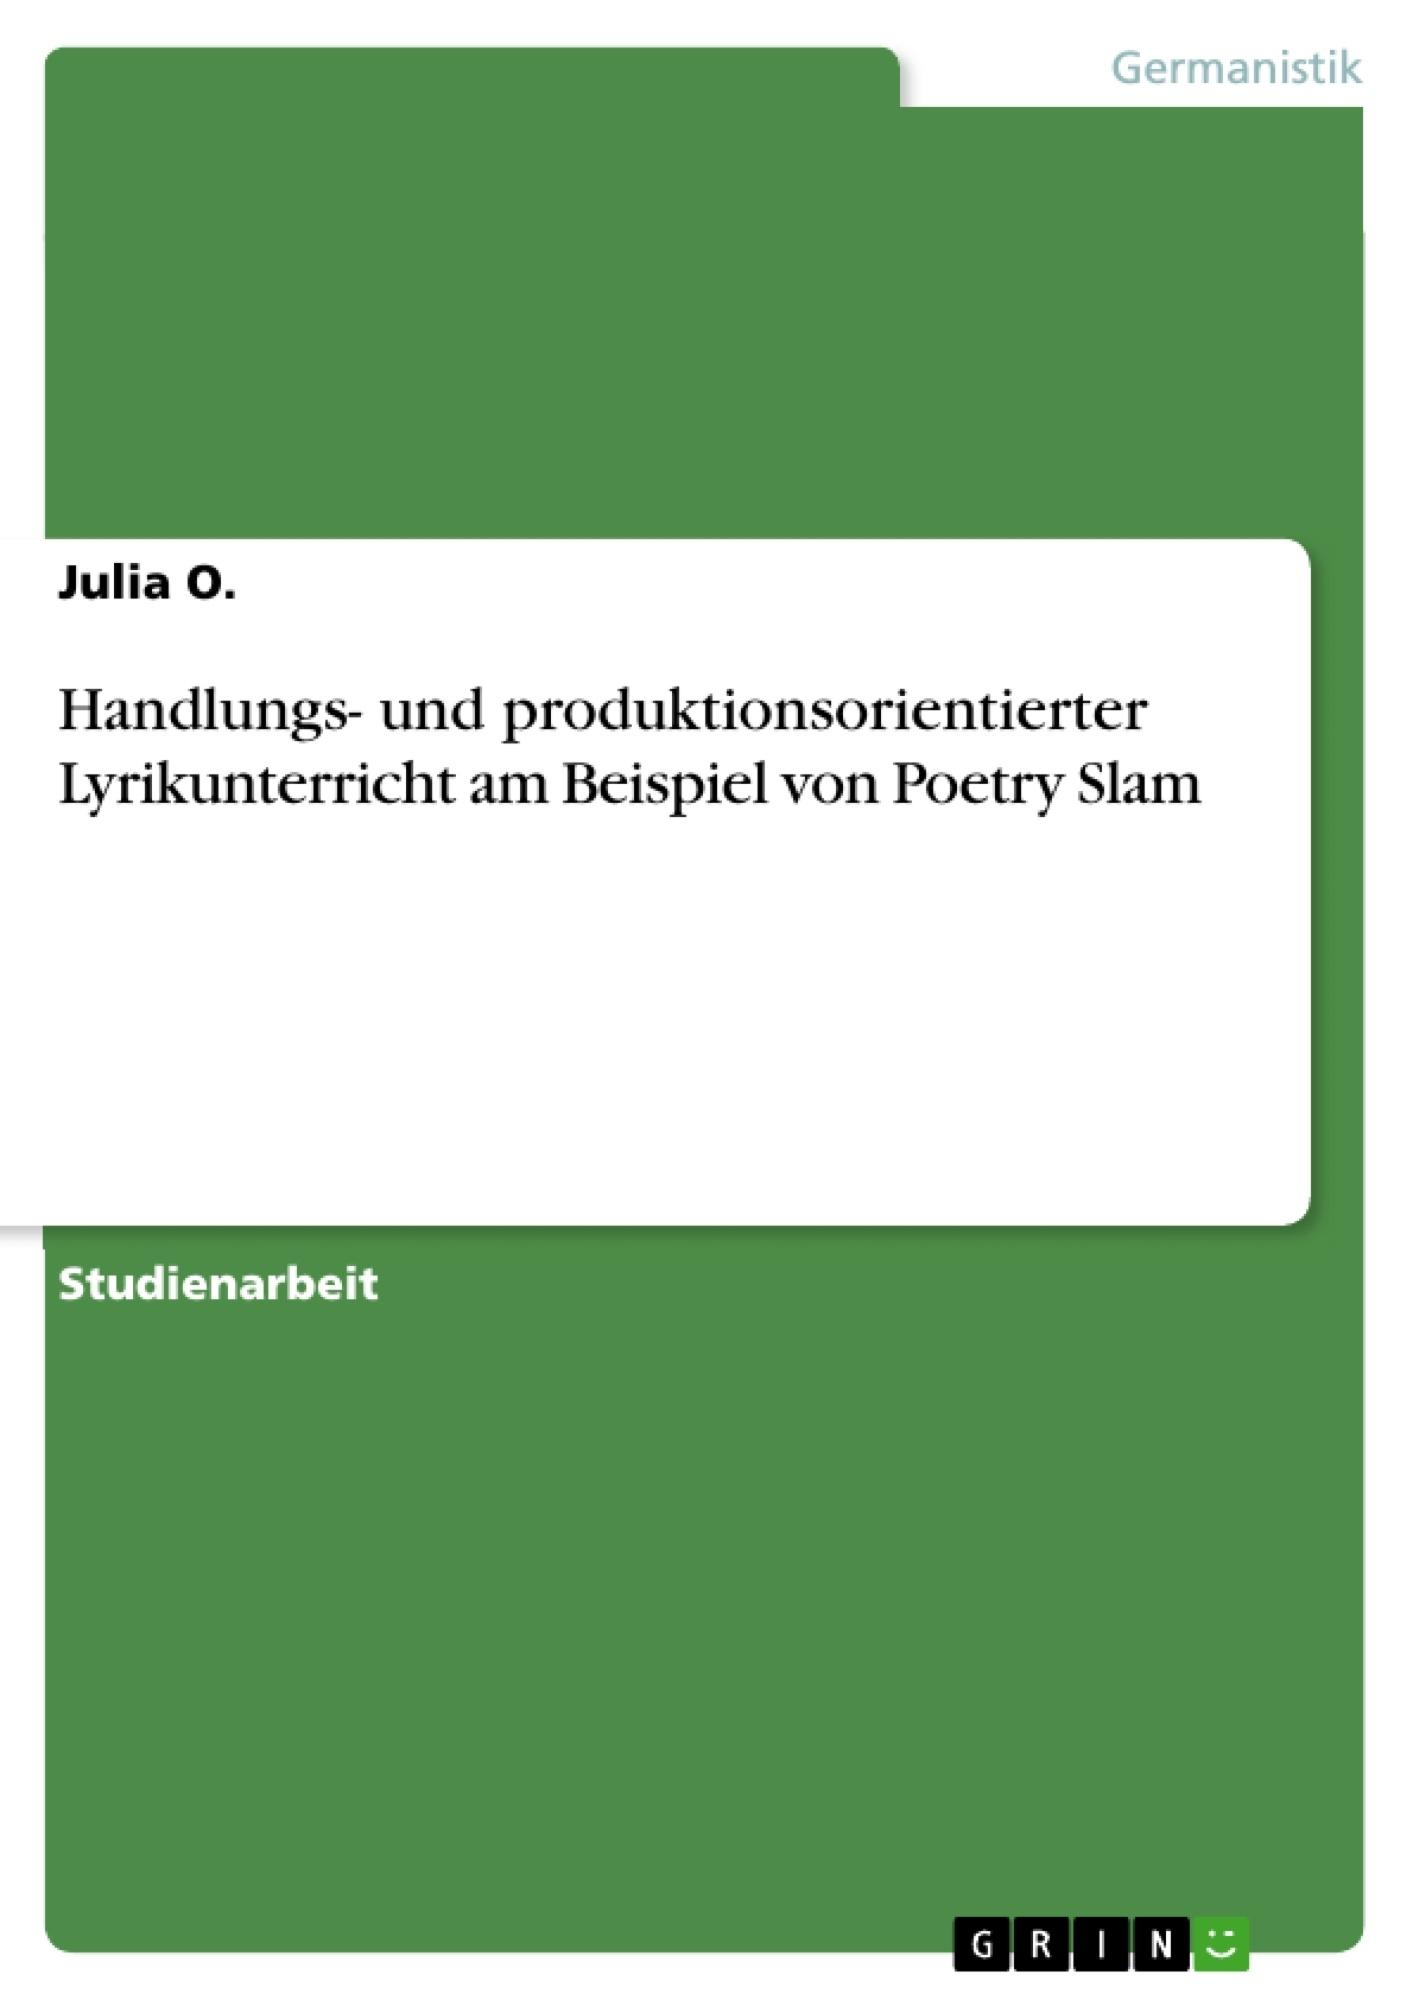 Titel: Handlungs- und produktionsorientierter Lyrikunterricht am Beispiel von Poetry Slam